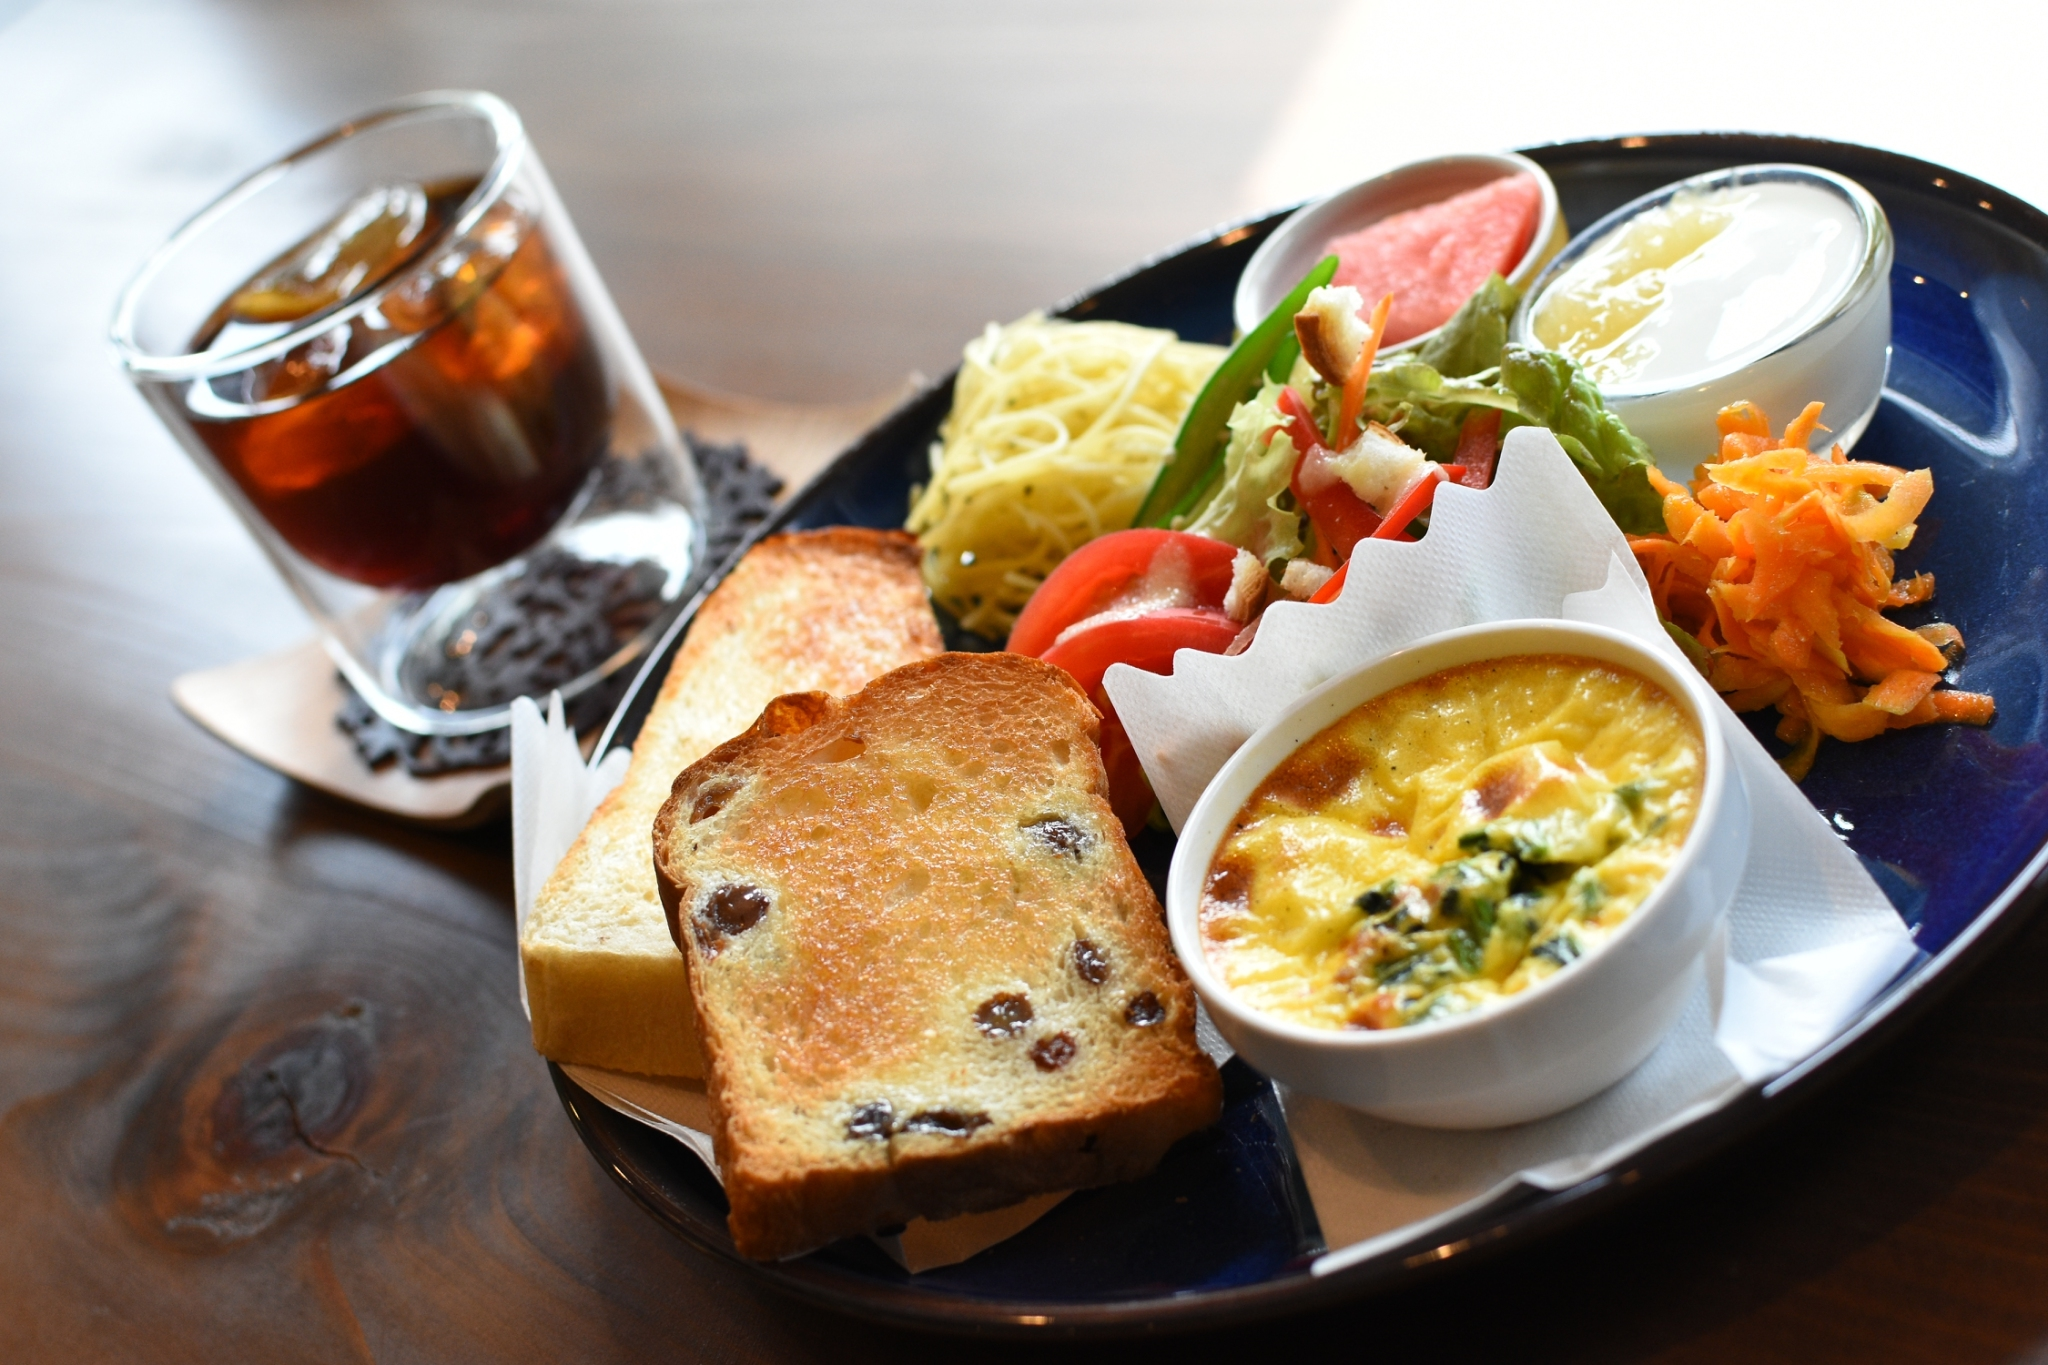 【LILO CAFE】気分上々ご満悦!ゆっくり至福のひとときを。「閉店しました」